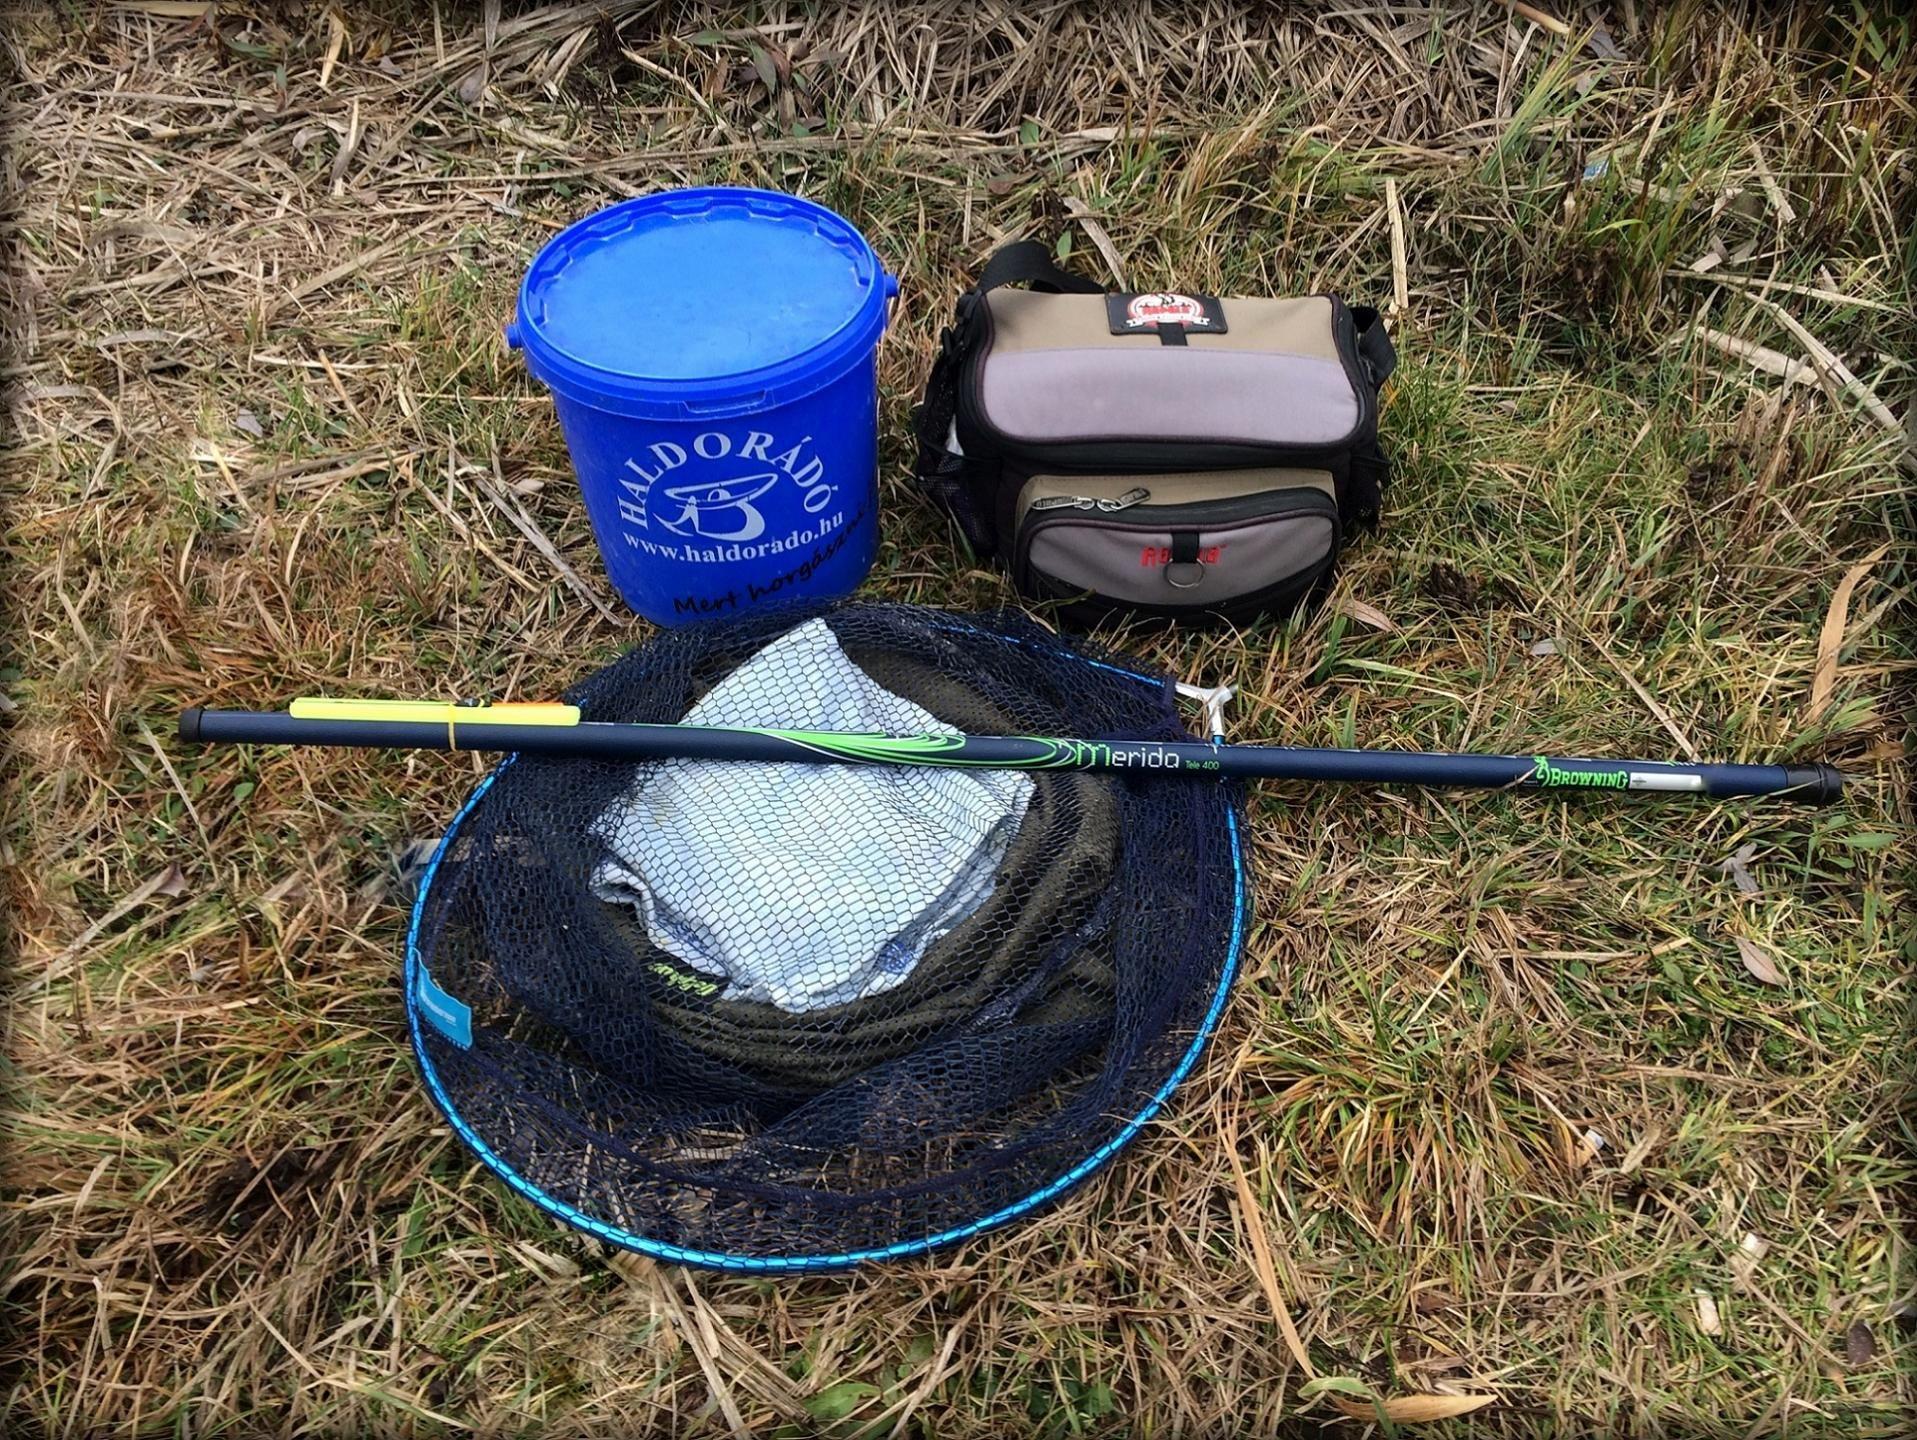 Minimál cucc – ennyi bőven elég egy jó téli horgászathoz